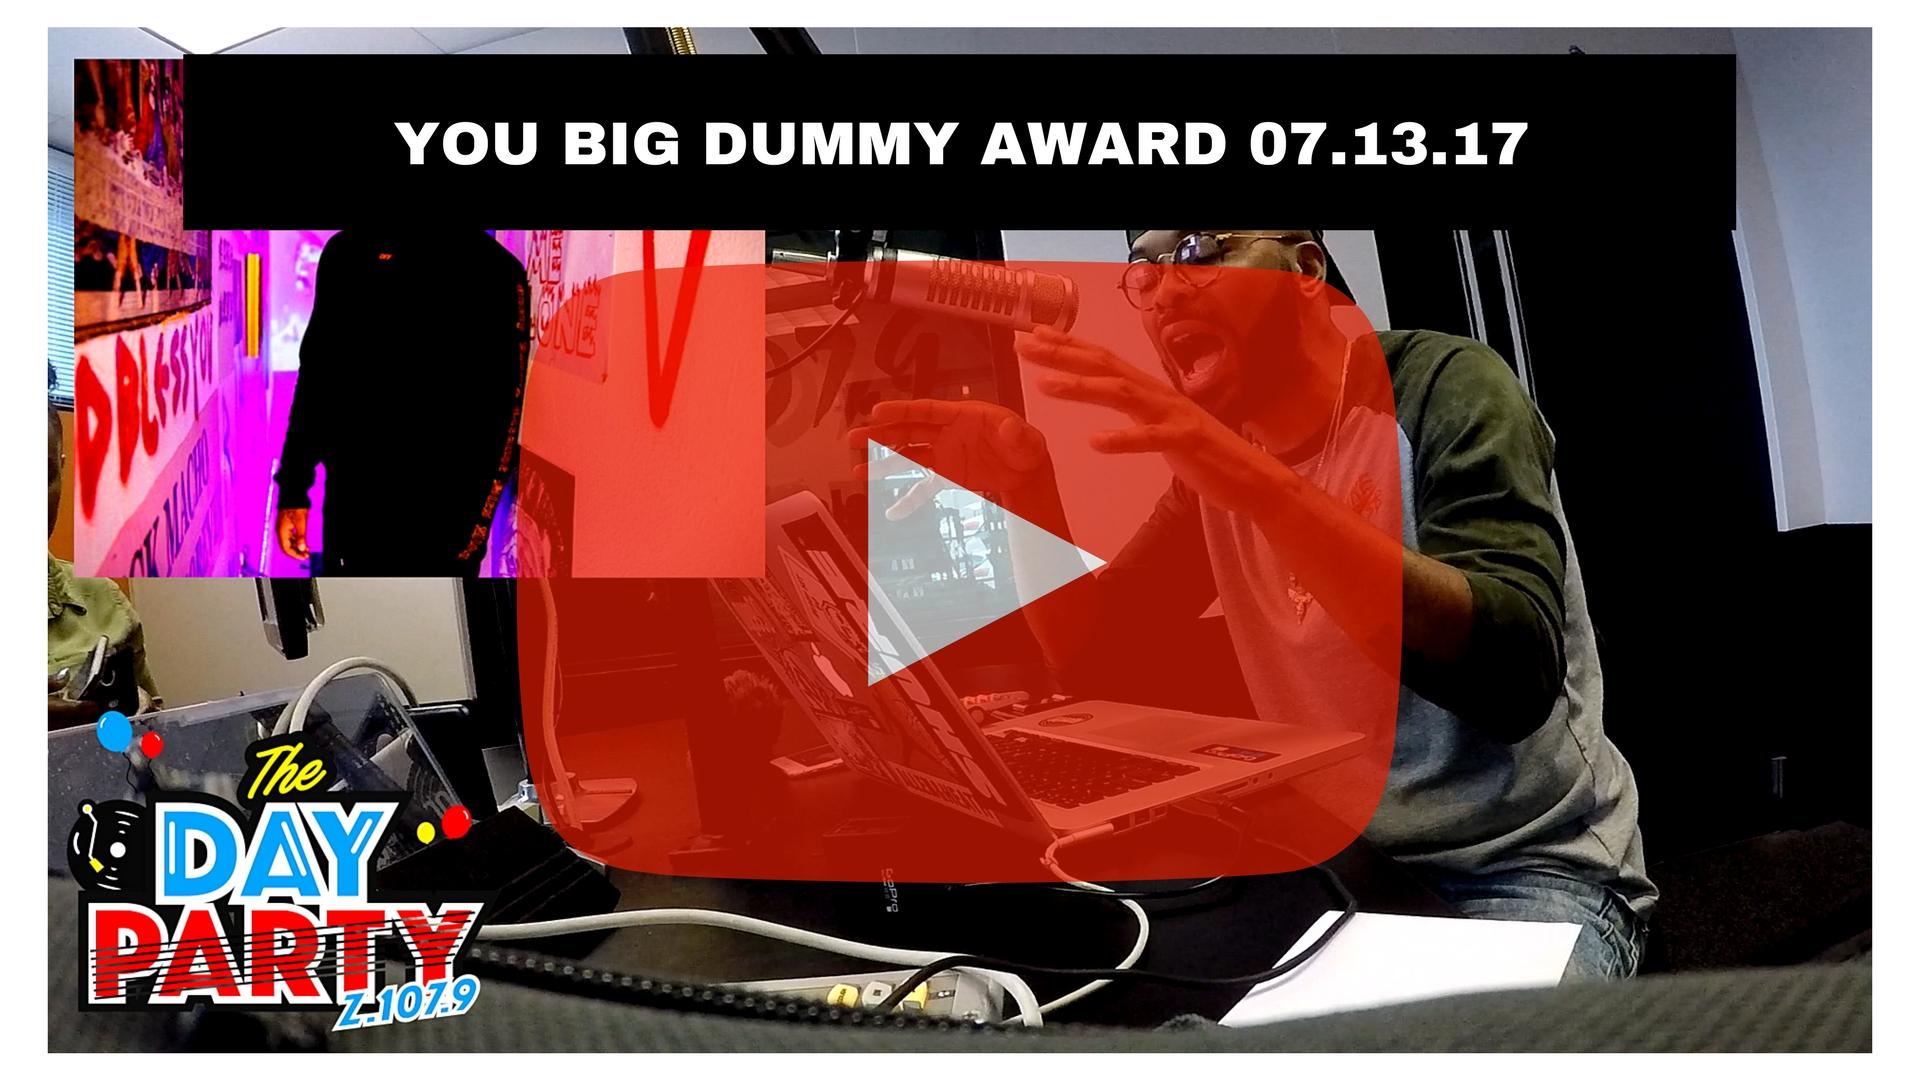 YOU BIG DUMMY AWARD 07.13.17